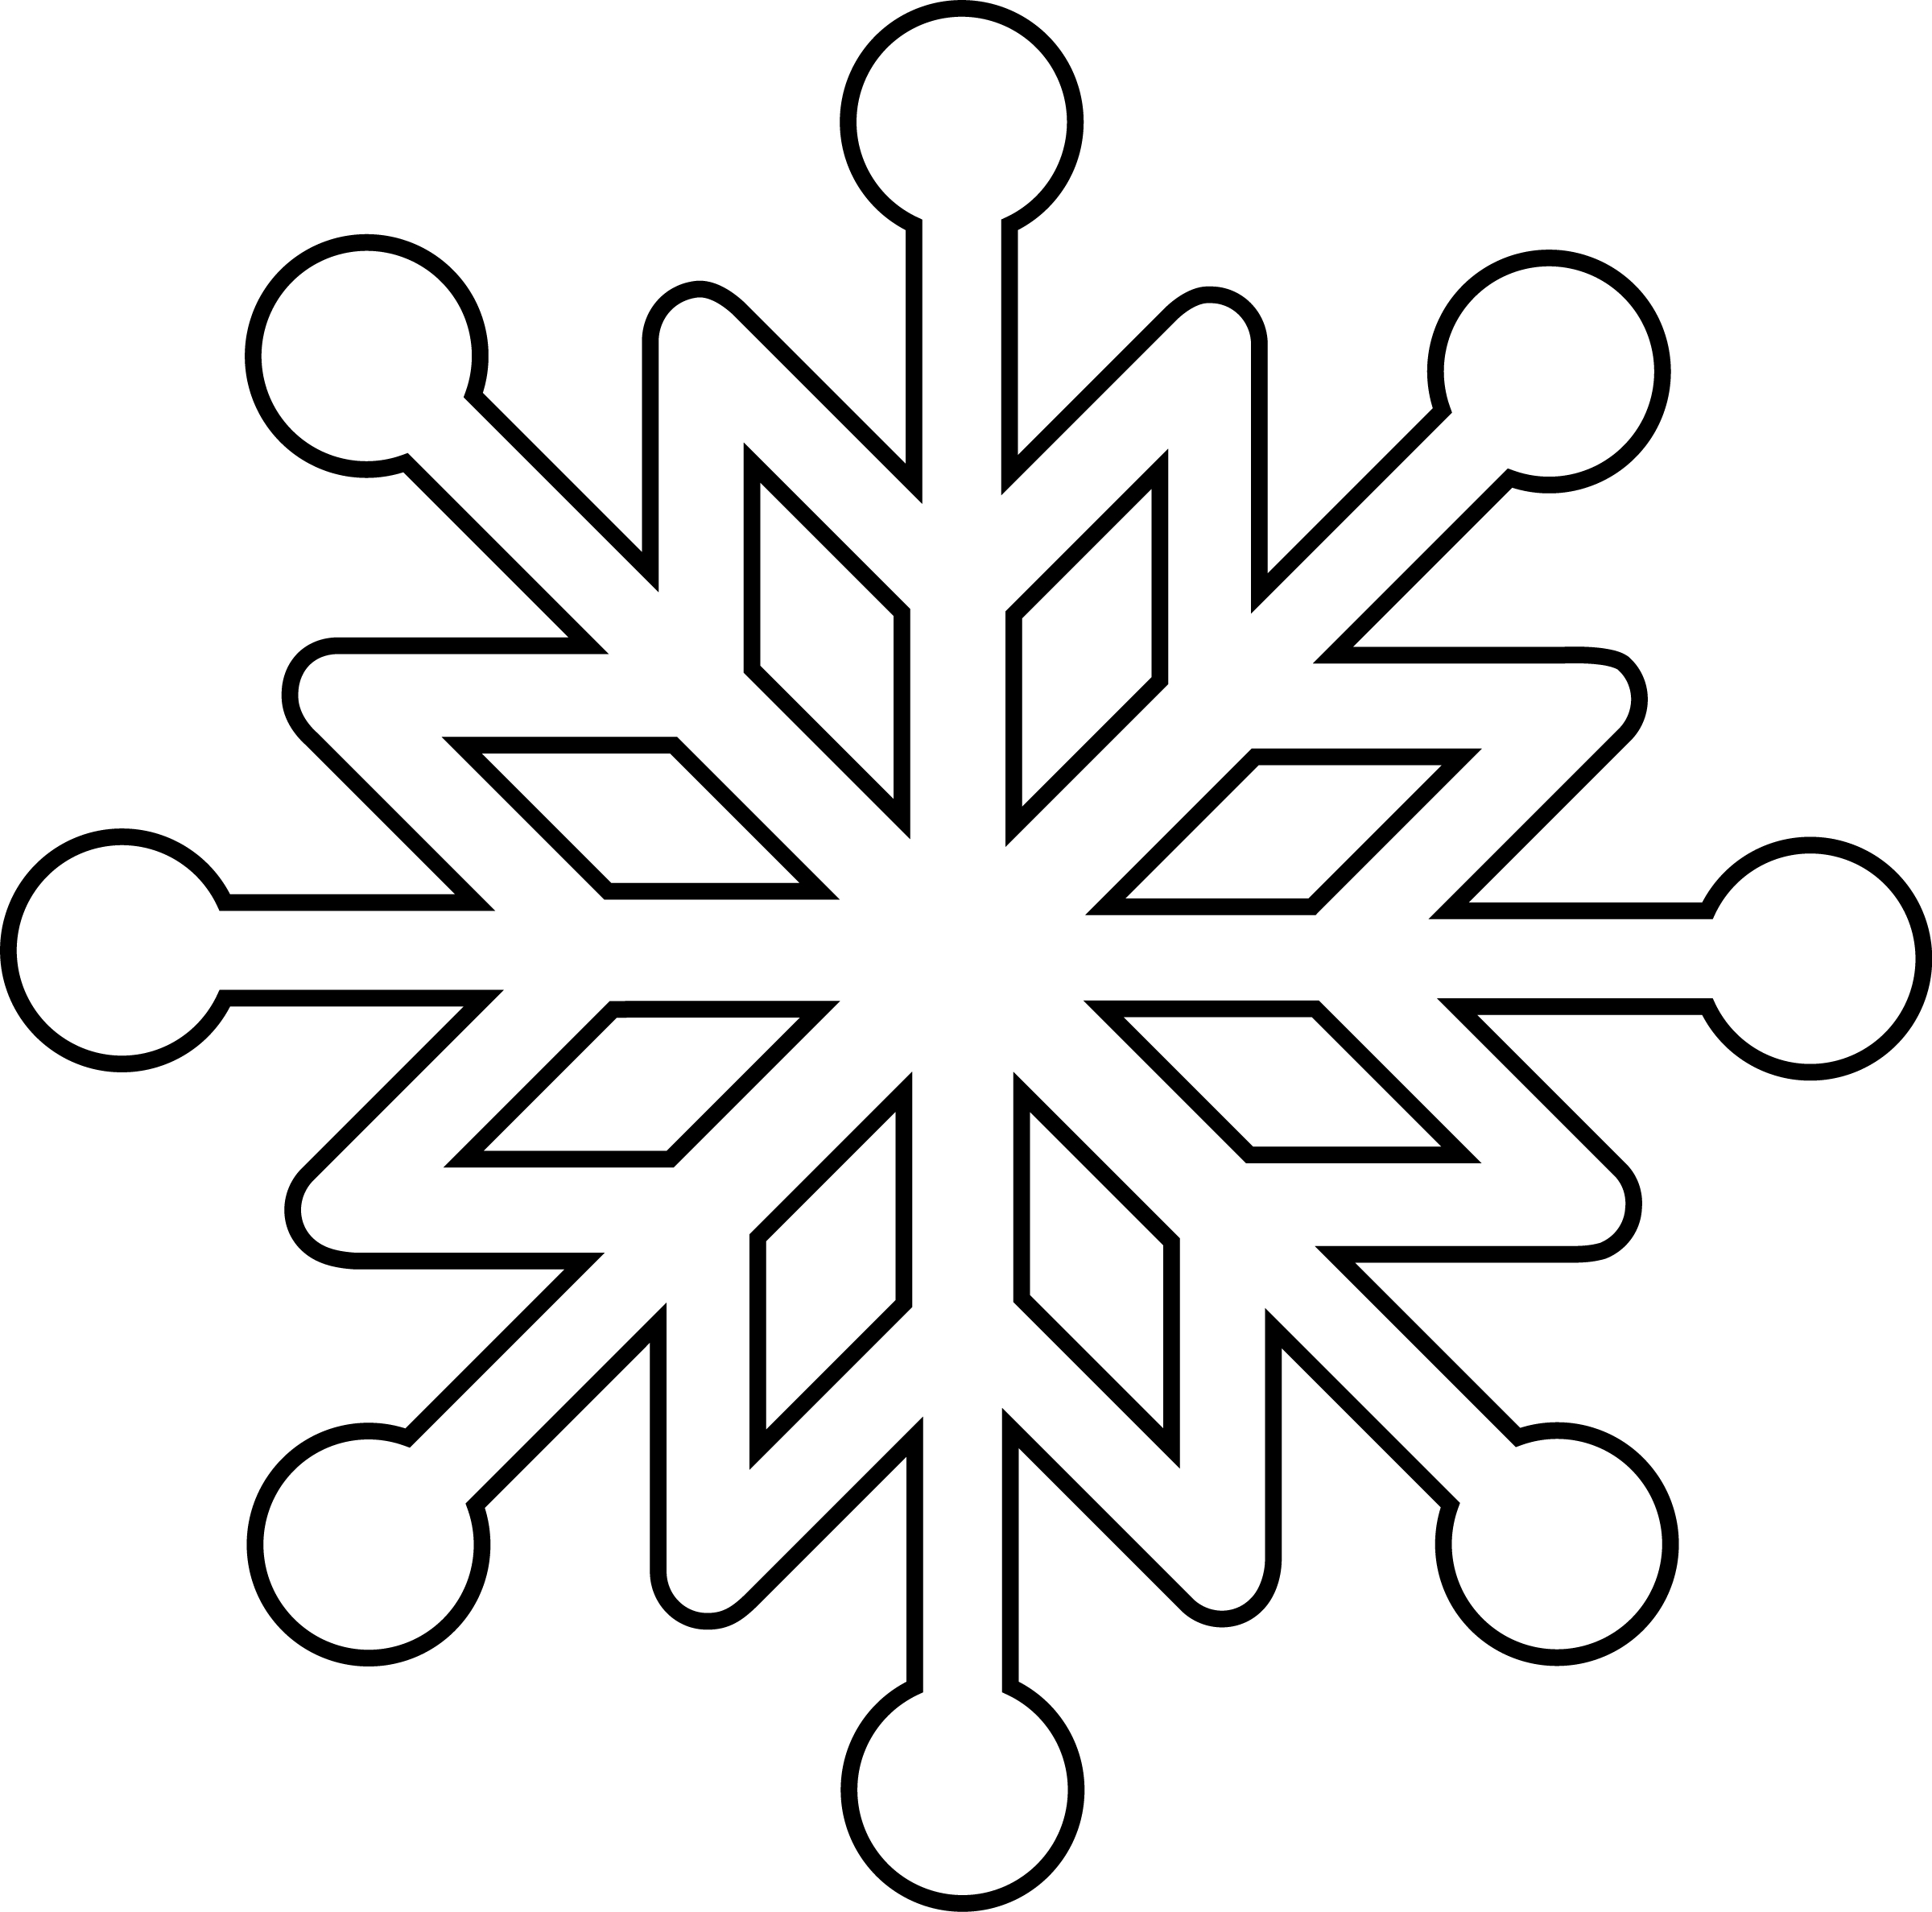 2400x2375 Drawing Of A Snowflake Snowflake Drawing